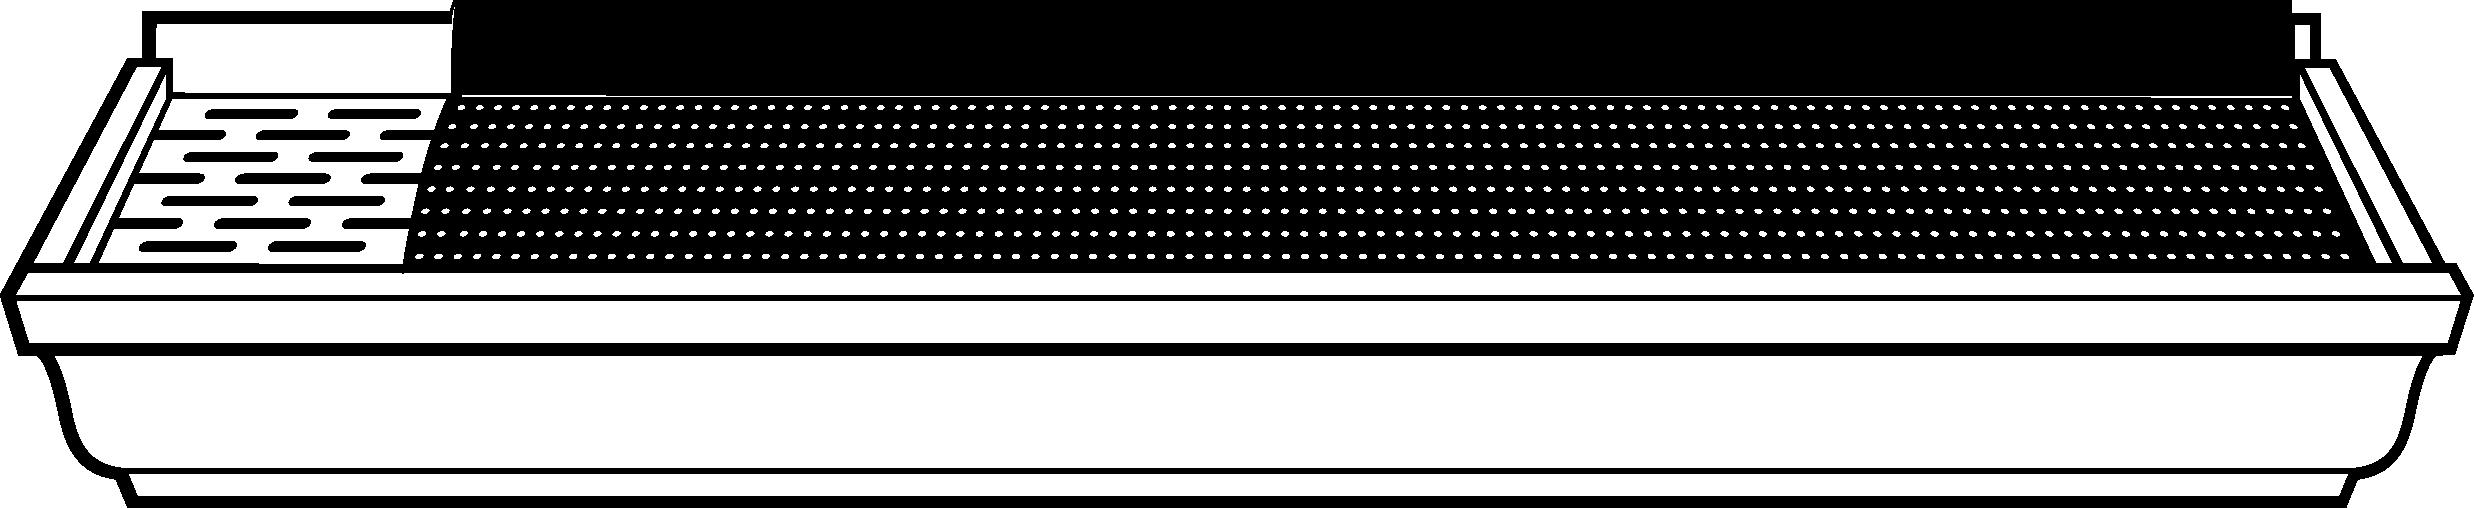 Illustration vue de l'avant du protège-gouttière pour gouttière neuve Alurex Double Pro